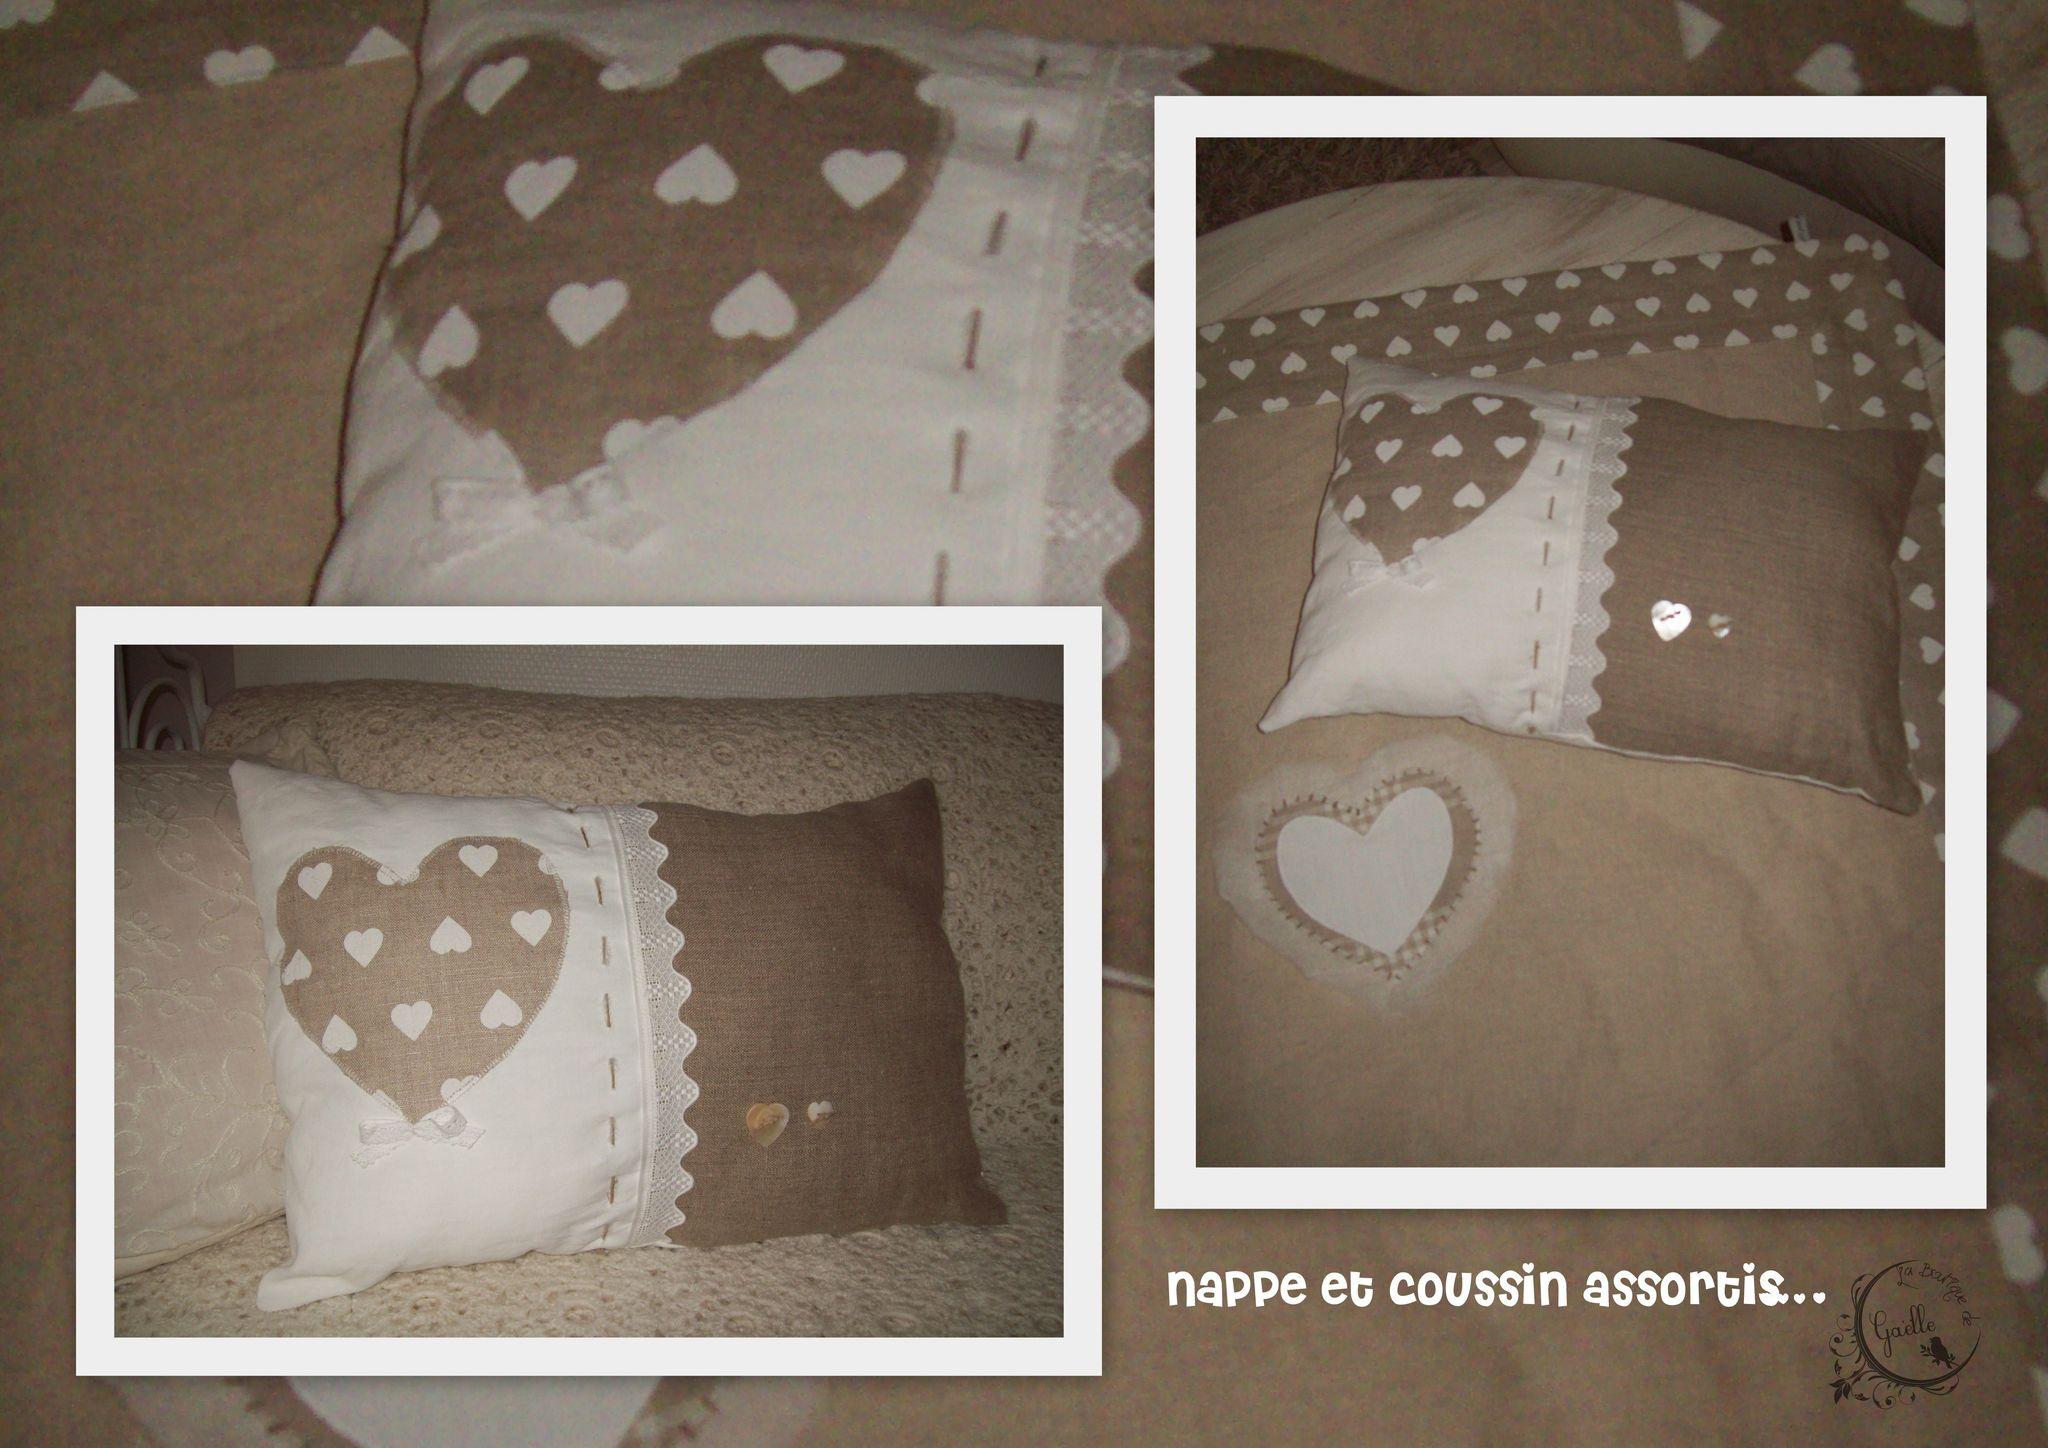 Coussin ♥ et lin...